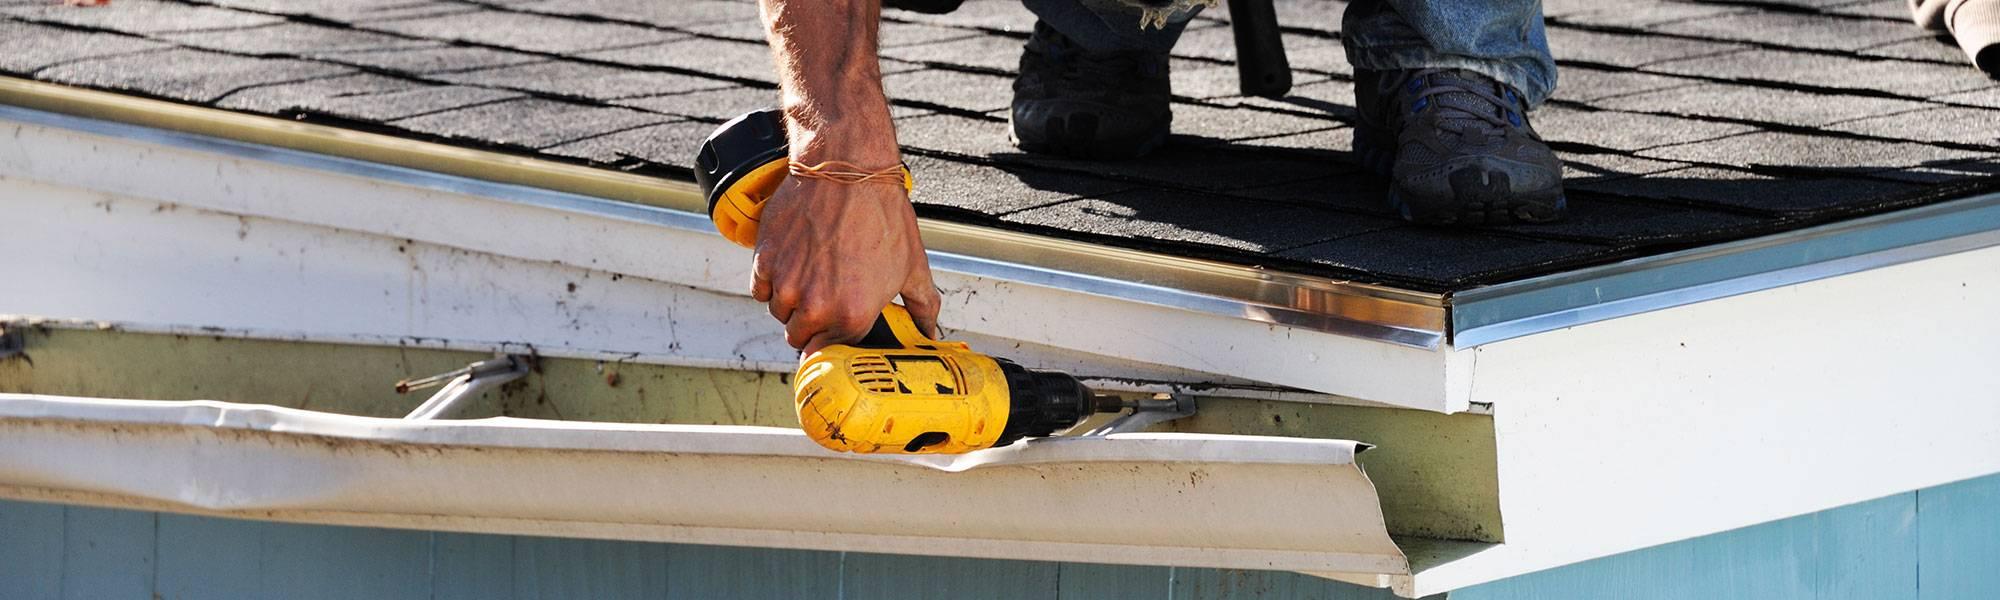 roofline repairs on a fascia